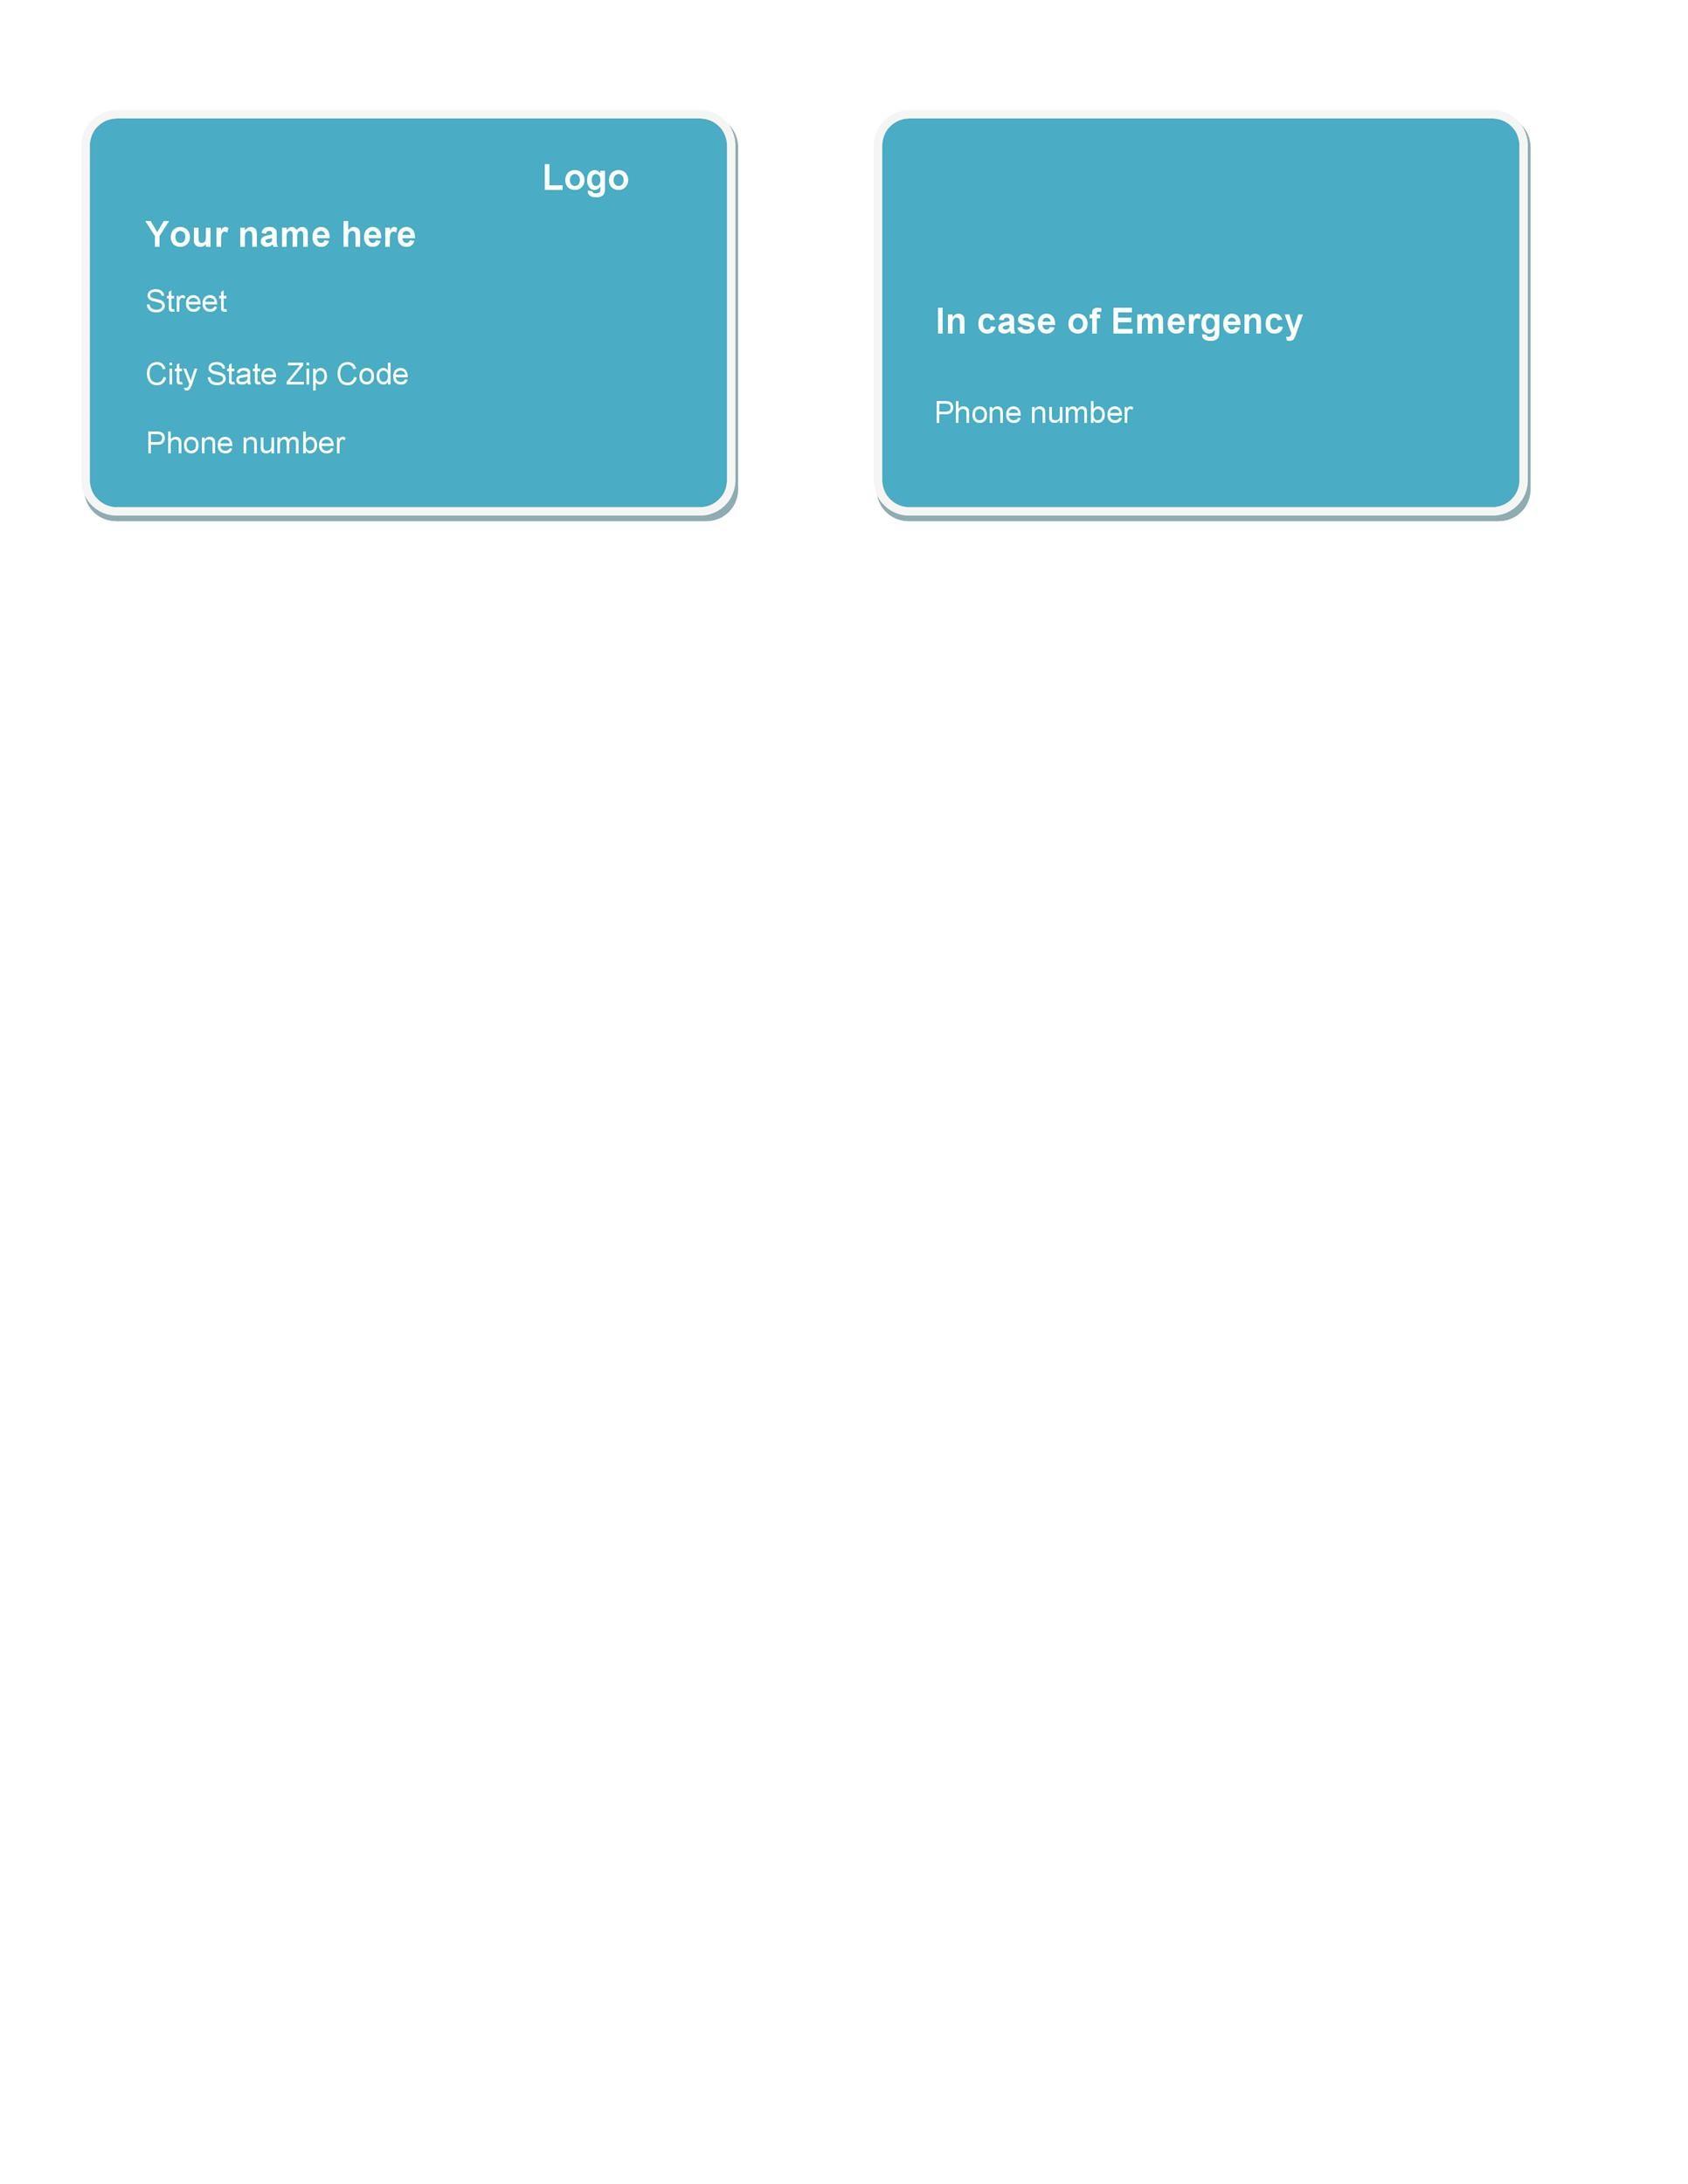 Free Membership Card Design Template 09